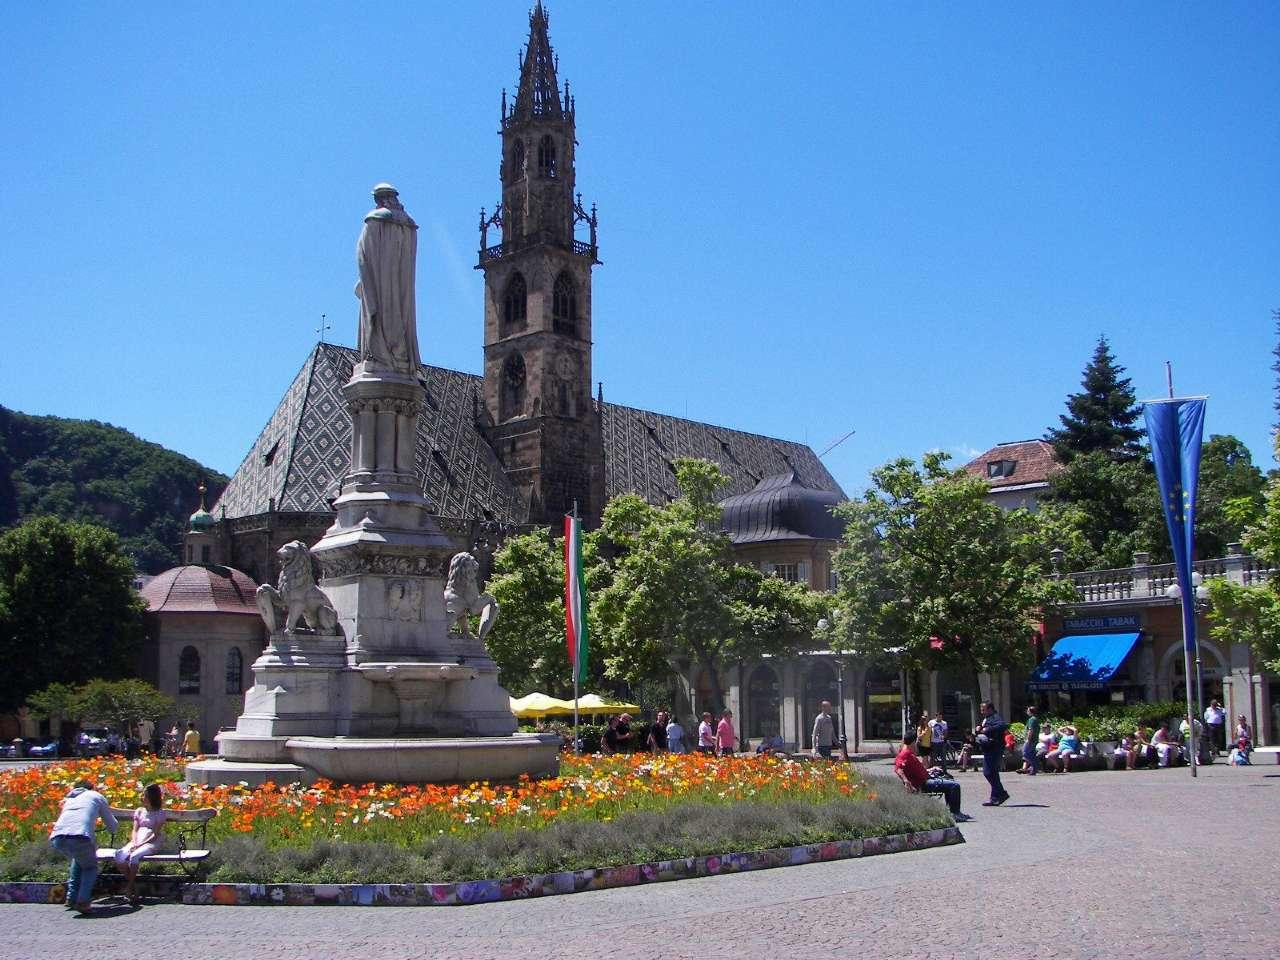 Negozio-locale in Vendita a Bolzano: 3 locali, 110 mq